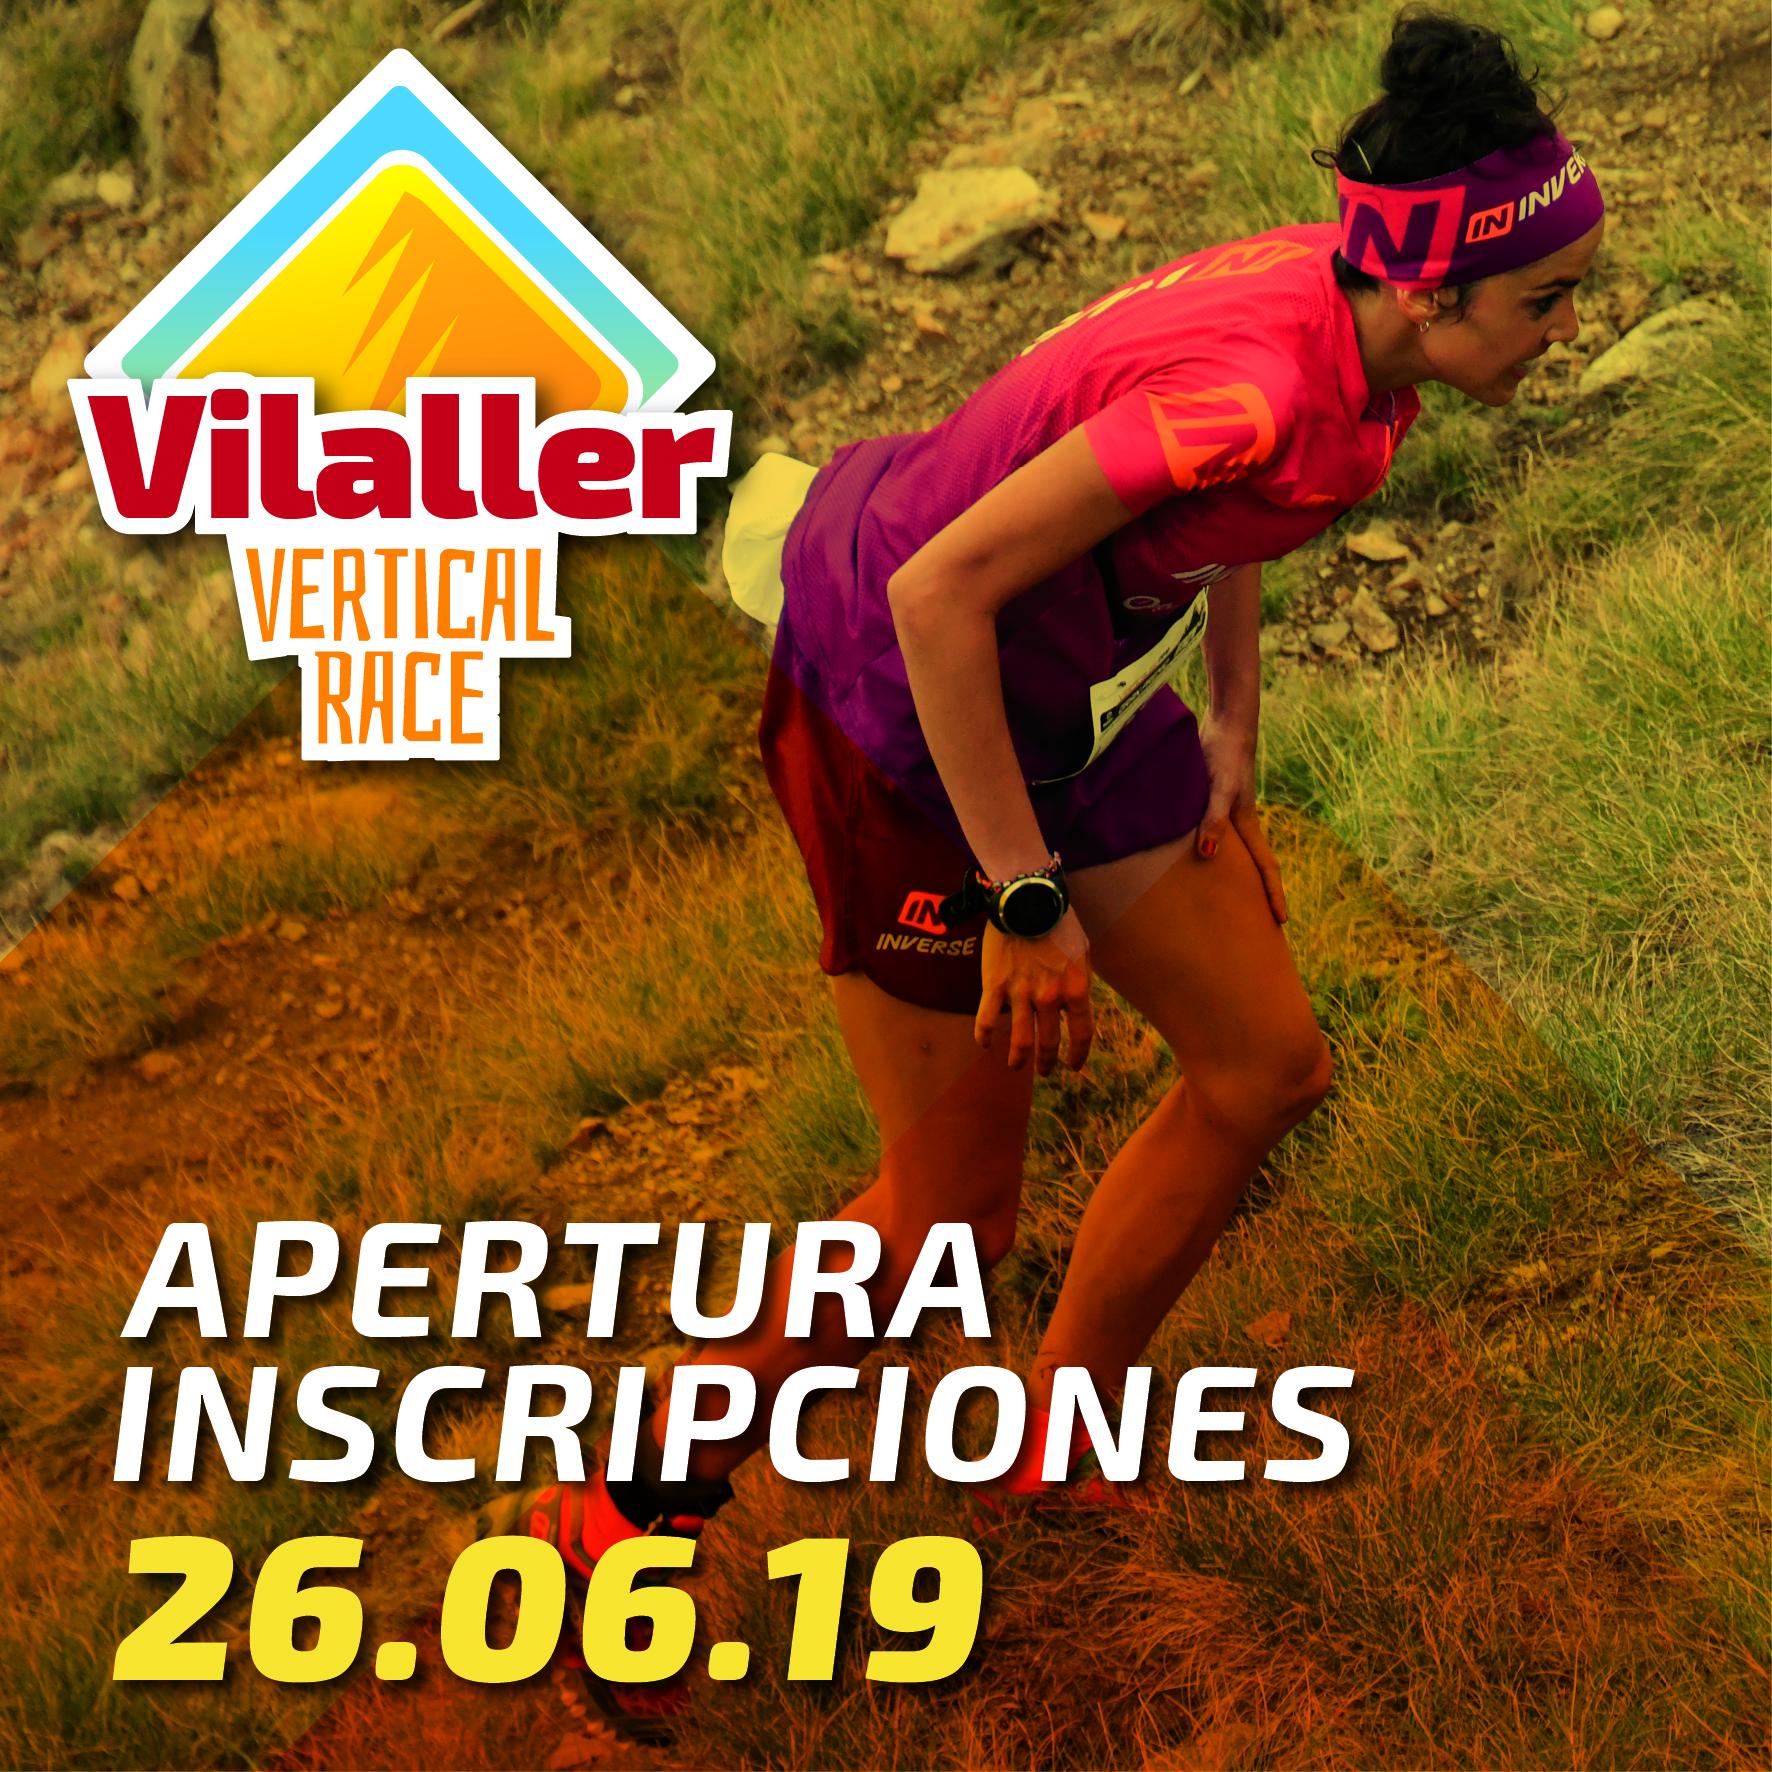 Empieza la cuenta atr�s para la Vilaller Vertical Race